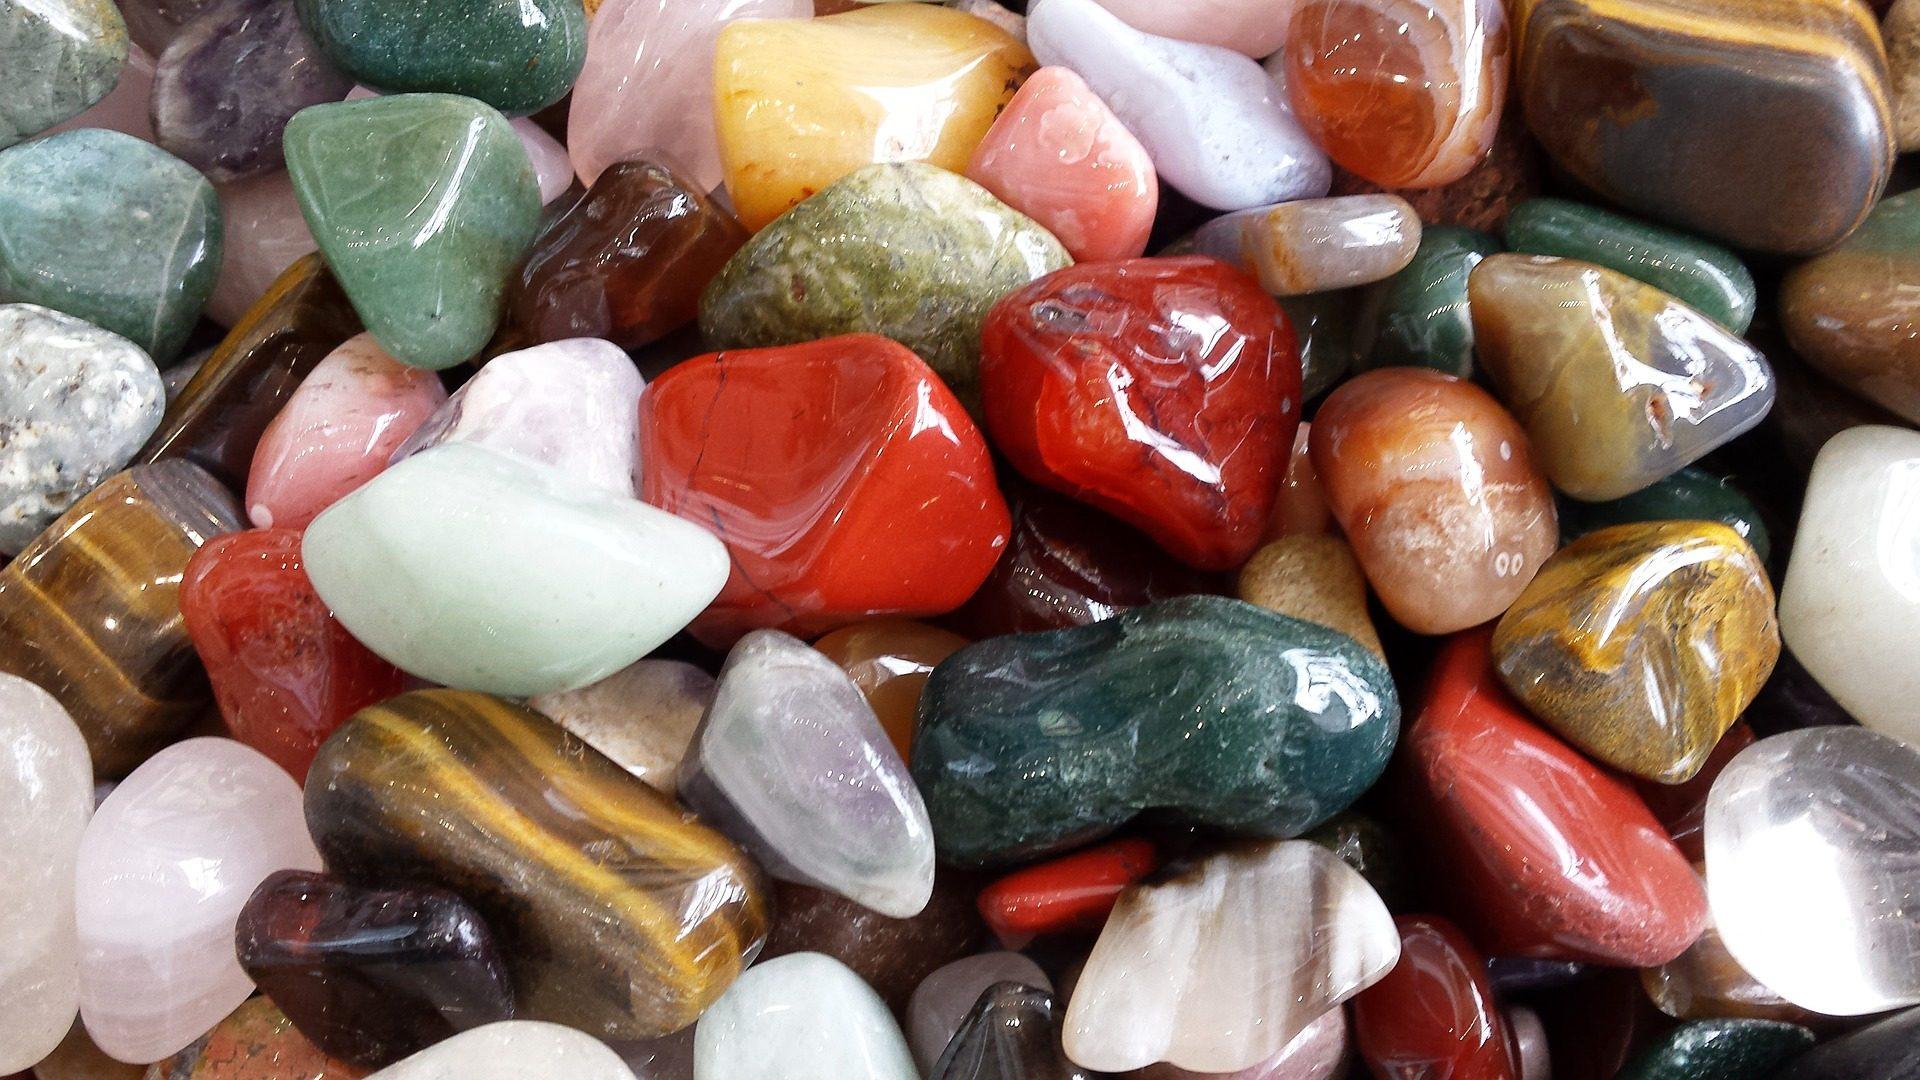 石头, 奥, 蓬莱, 多彩, 多样性 - 高清壁纸 - 教授-falken.com